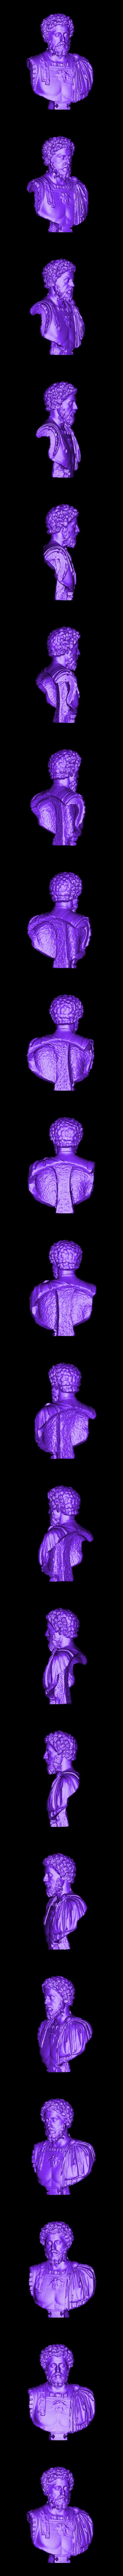 SubTool-0-11413759.OBJ Télécharger fichier OBJ gratuit Buste cuirassé de Marc Aurèle âgé • Modèle pour imprimante 3D, MSR